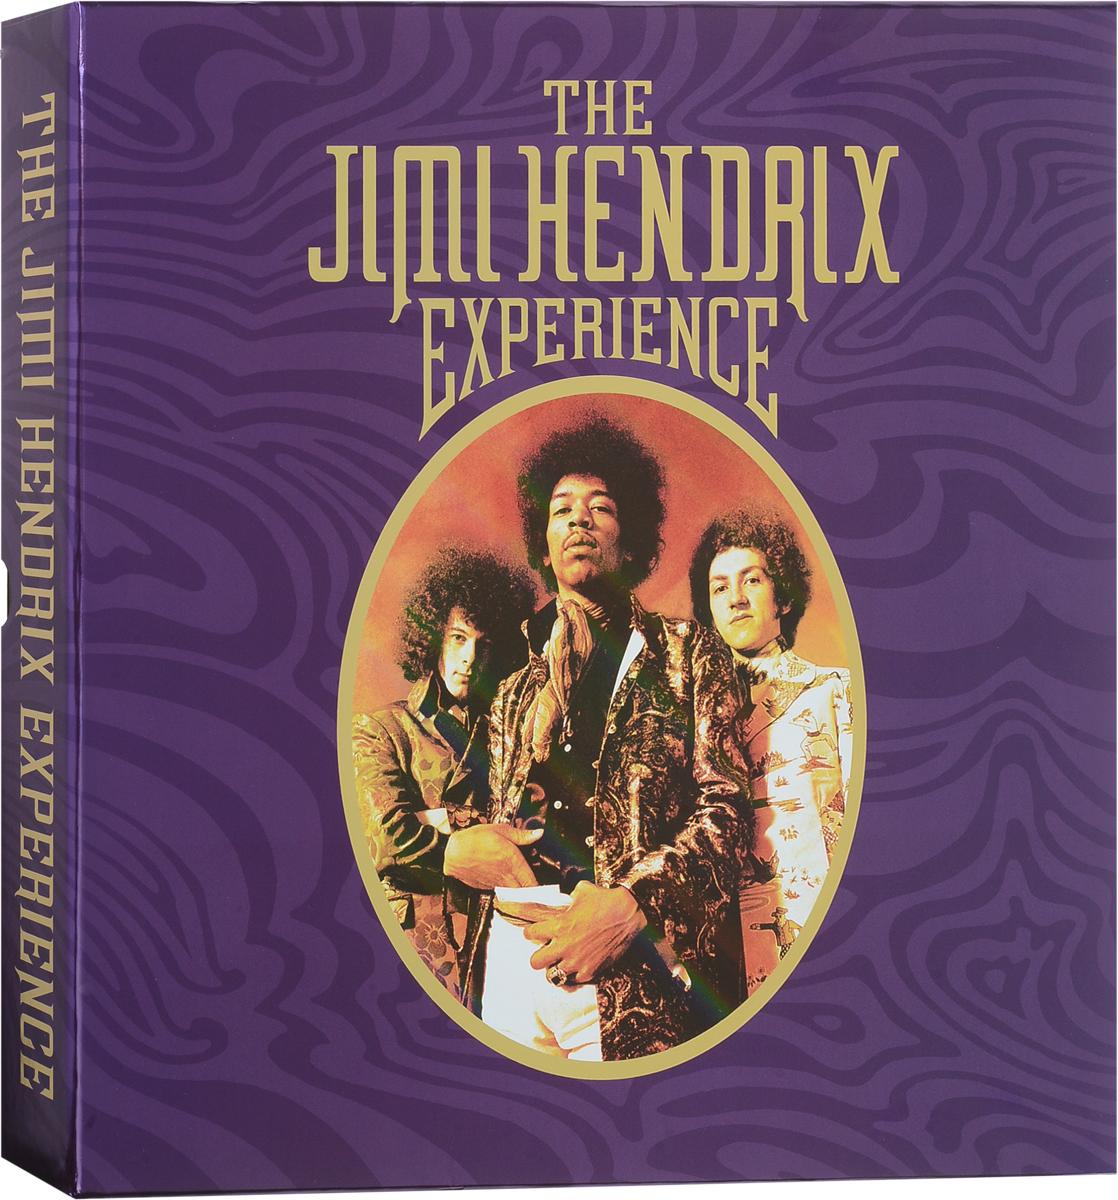 джими хендрикс jimi hendrix experience hendrix the best of jimi hendrix 2 lp Джими Хендрикс Jimi Hendrix. Experience Hendrix. The Jimi Hendrix Experience (8 LP)